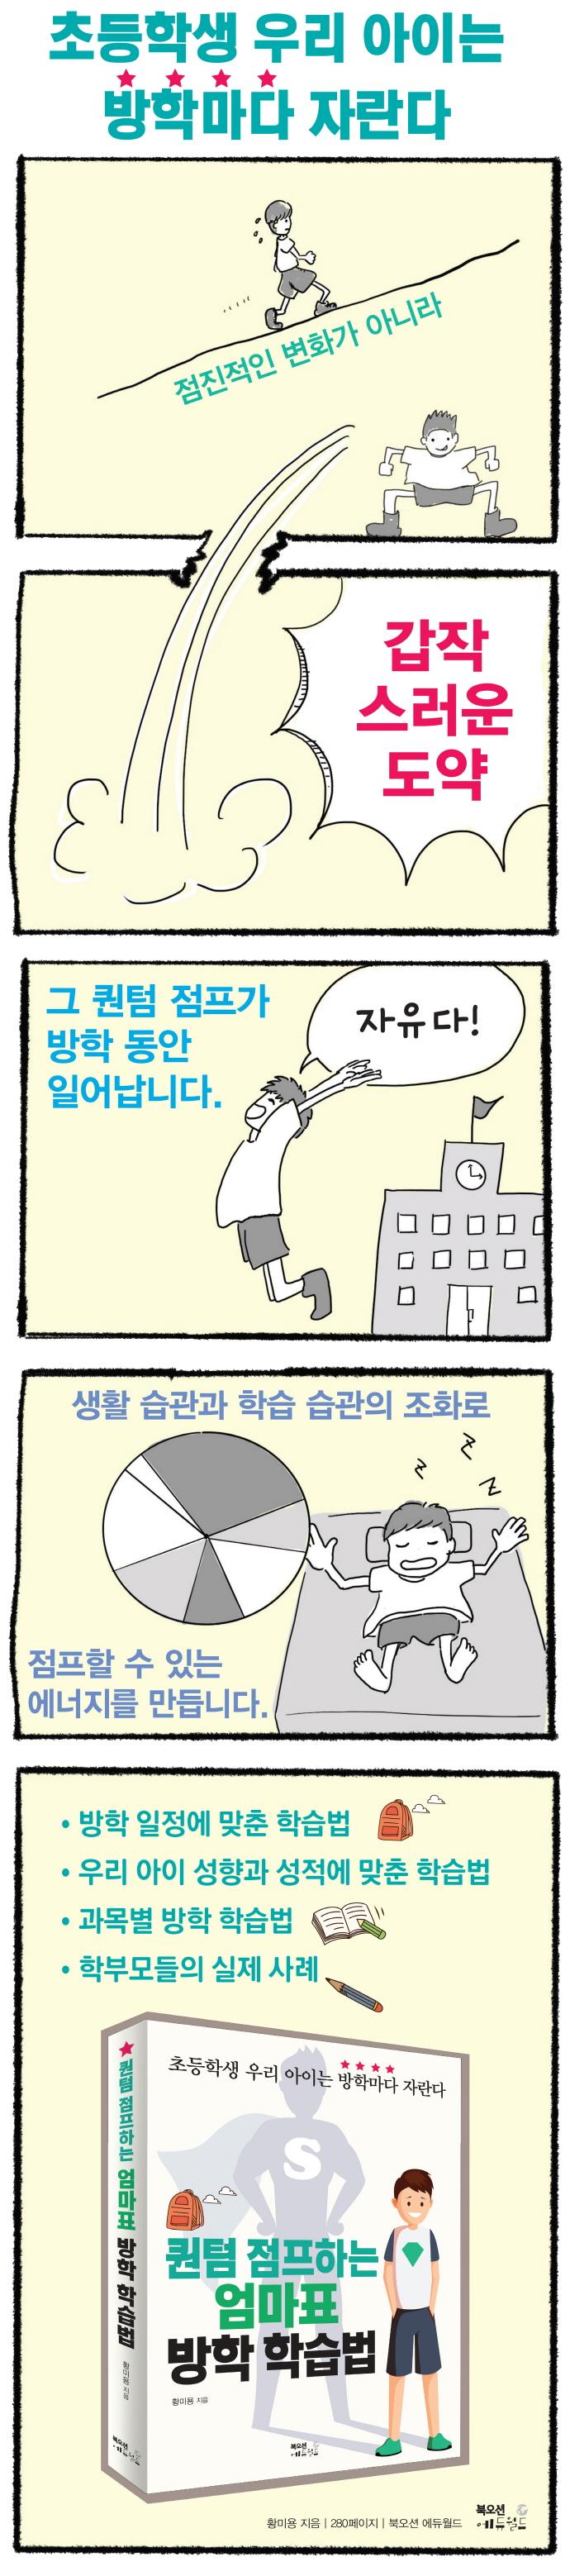 퀀텀 점프하는 엄마표 방학 학습법 도서 상세이미지